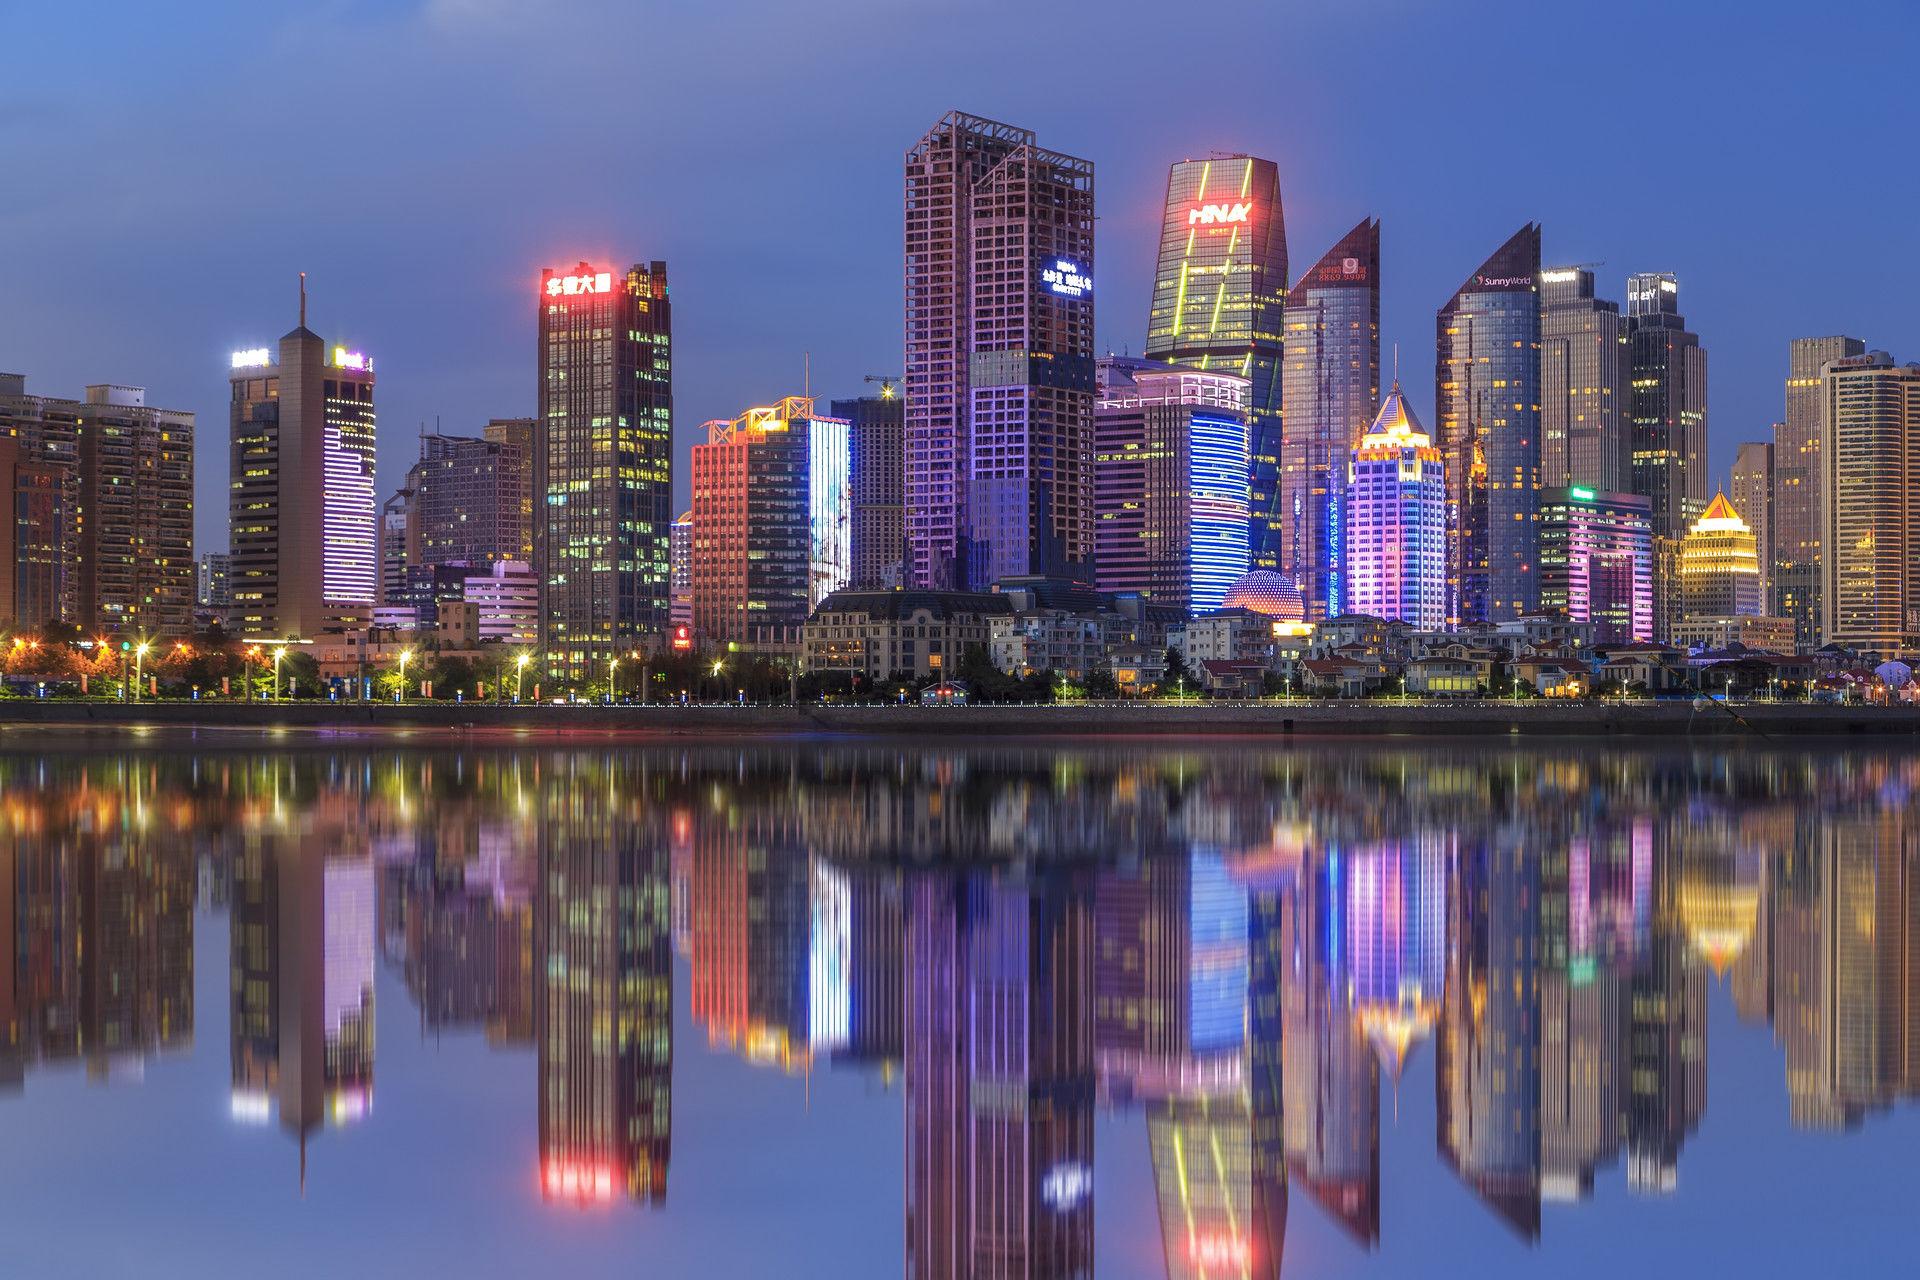 财经资讯_青岛:到2020年新引进世界500强企业30家以上_青岛频道_凤凰网